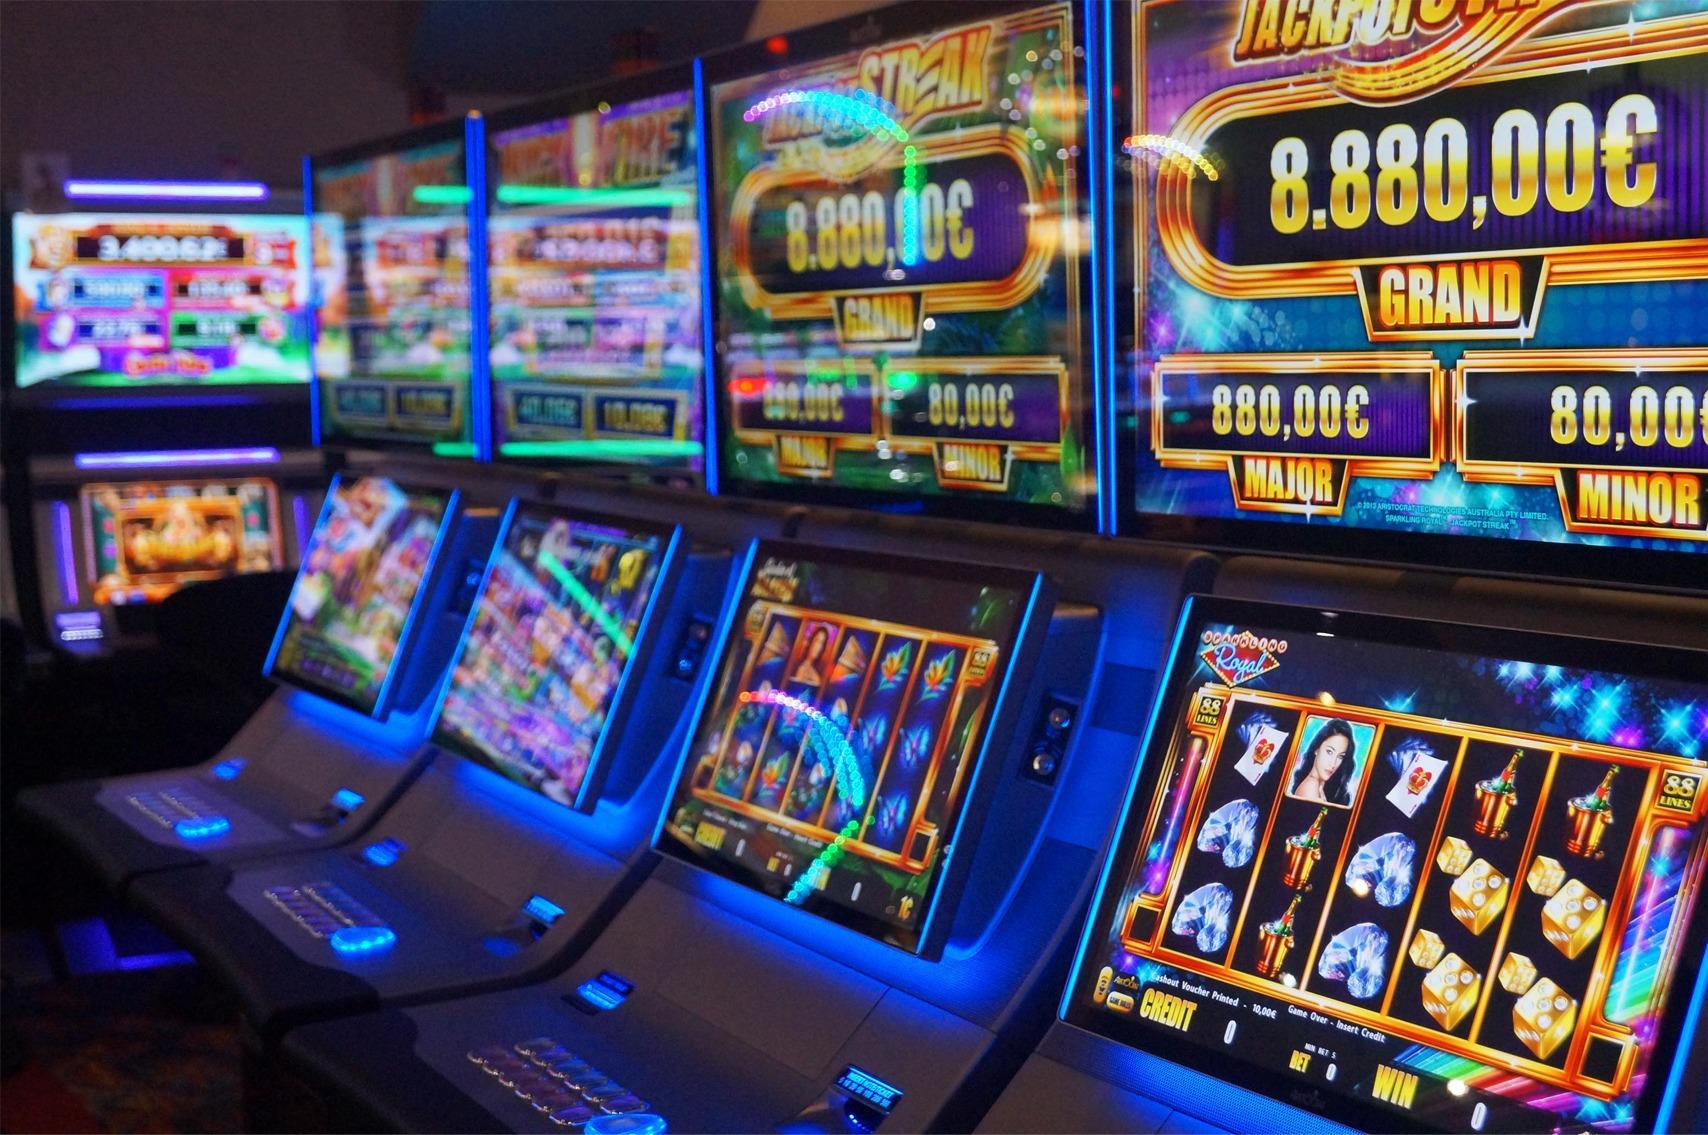 Как казино спин сити позволяет человеку зарабатывать деньги?